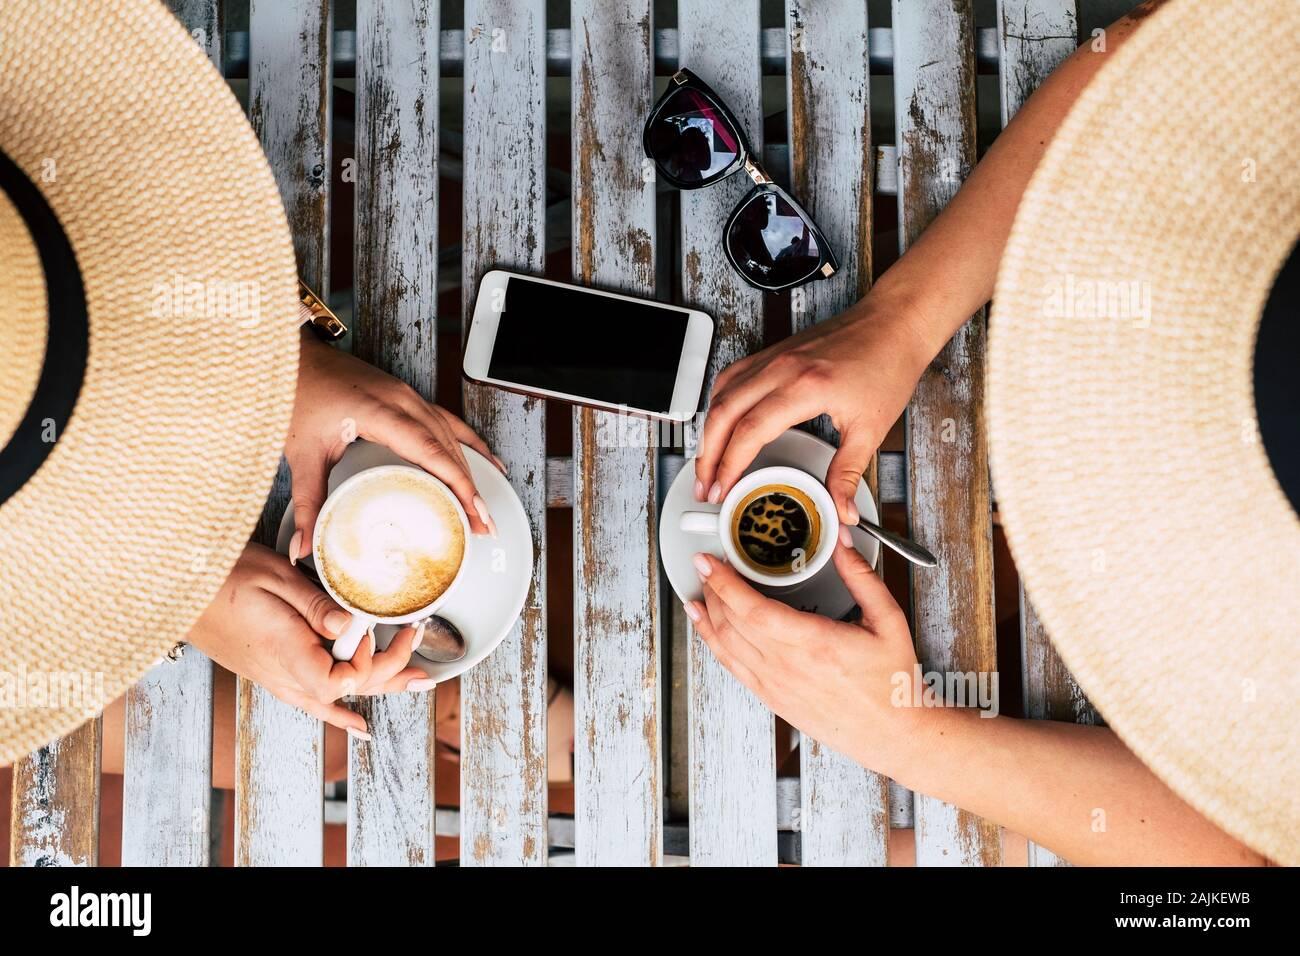 Arriba vetical vista de par del pueblo caucasiano mujeres amigos tomando café y capuchino italiano en el bar - concepto de amistad y al. Foto de stock